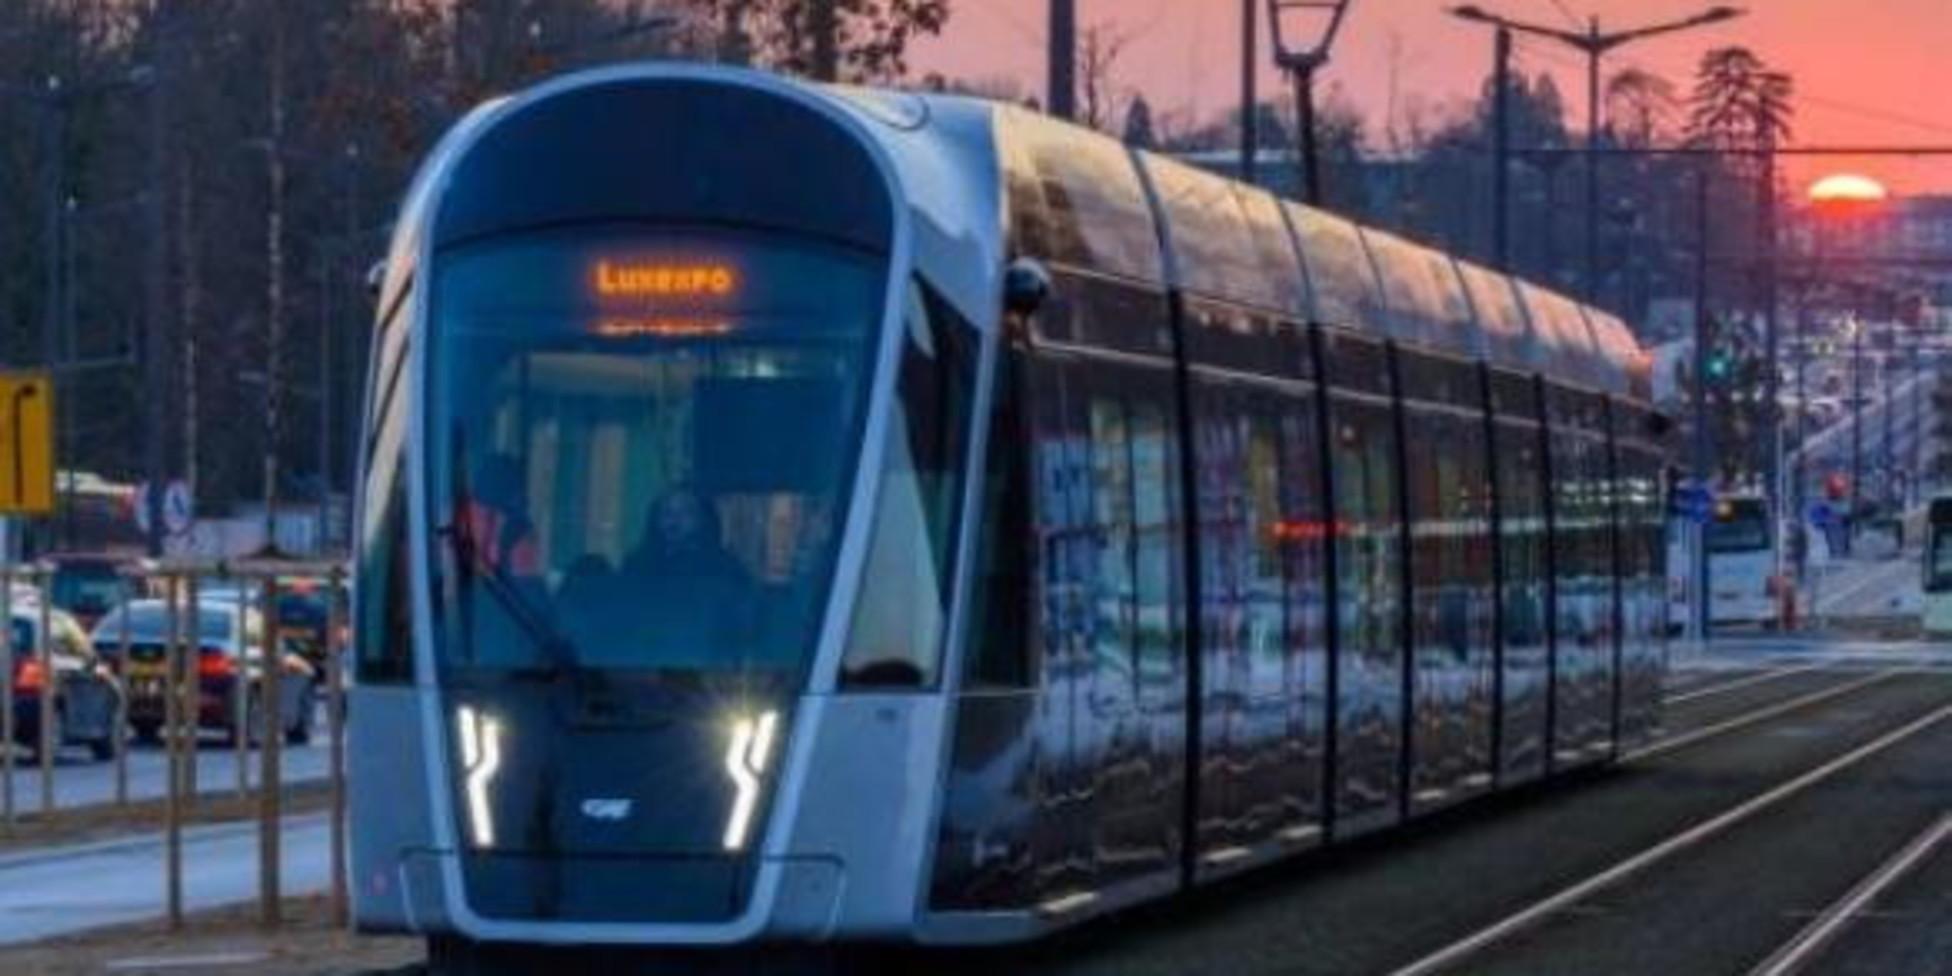 Svolta green in Lussemburgo, i trasporti diventano gratis per tutti: è il primo Paese al mondo